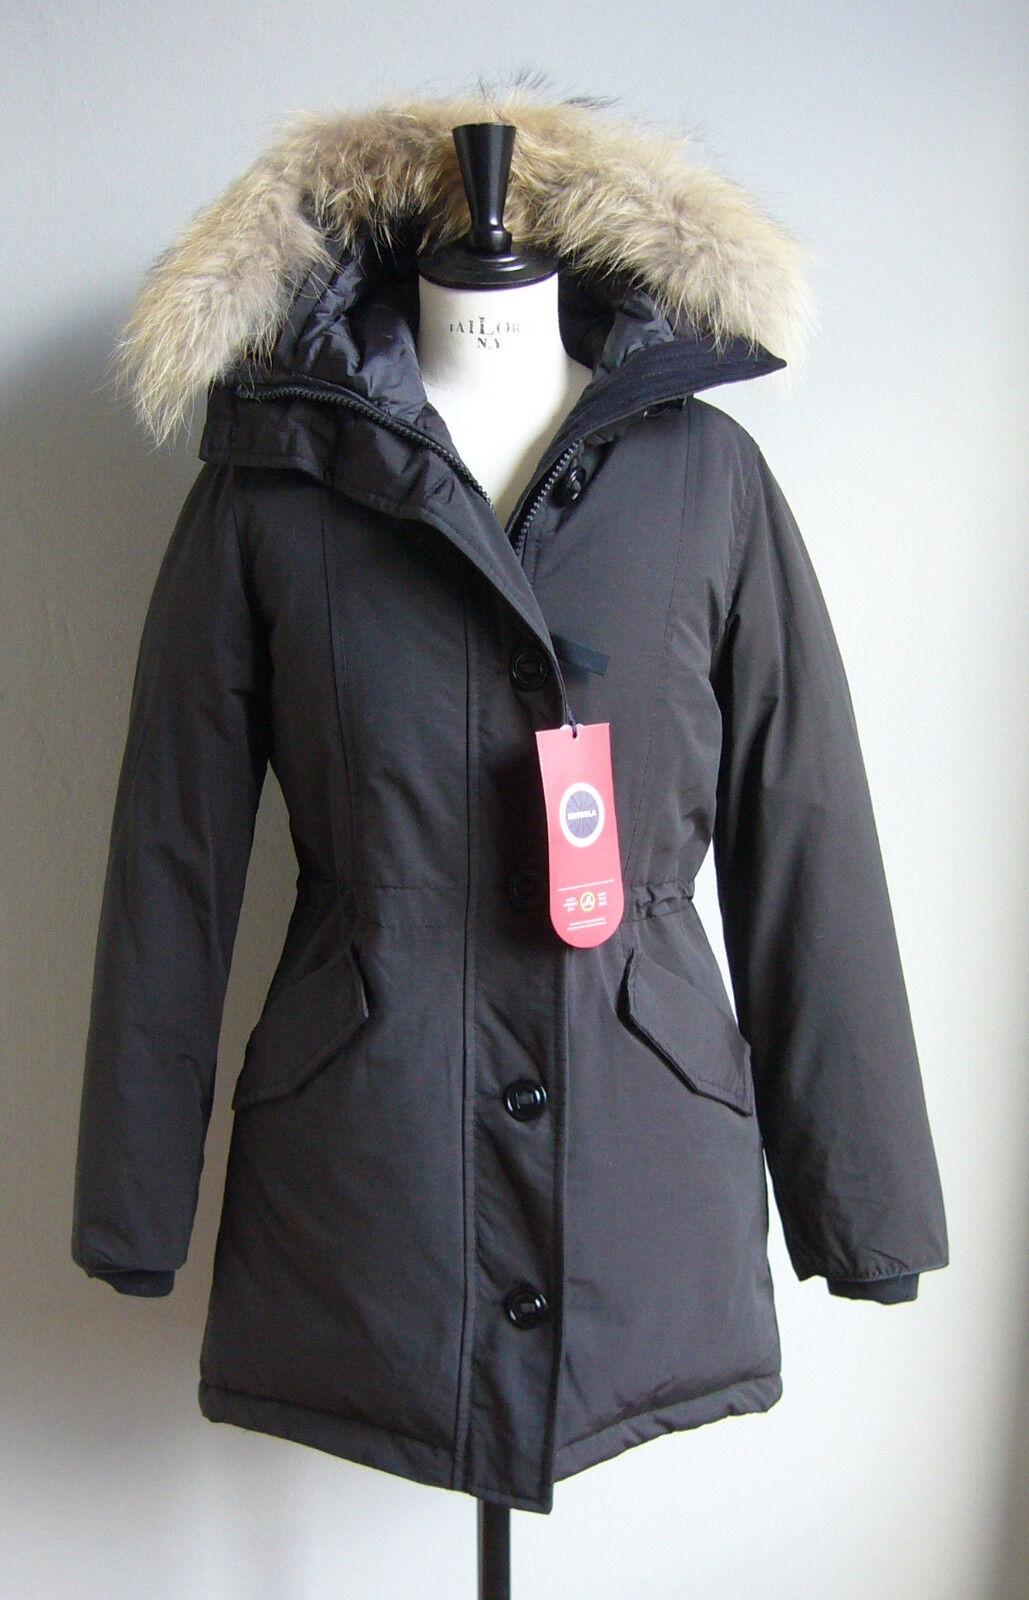 5966124132d820 Damen Arctic Parka Winter Jacke MATOGLA 7602 Gr. M XL schwarz Mantel  Echtfell ntszvp3755-neue Kleidung